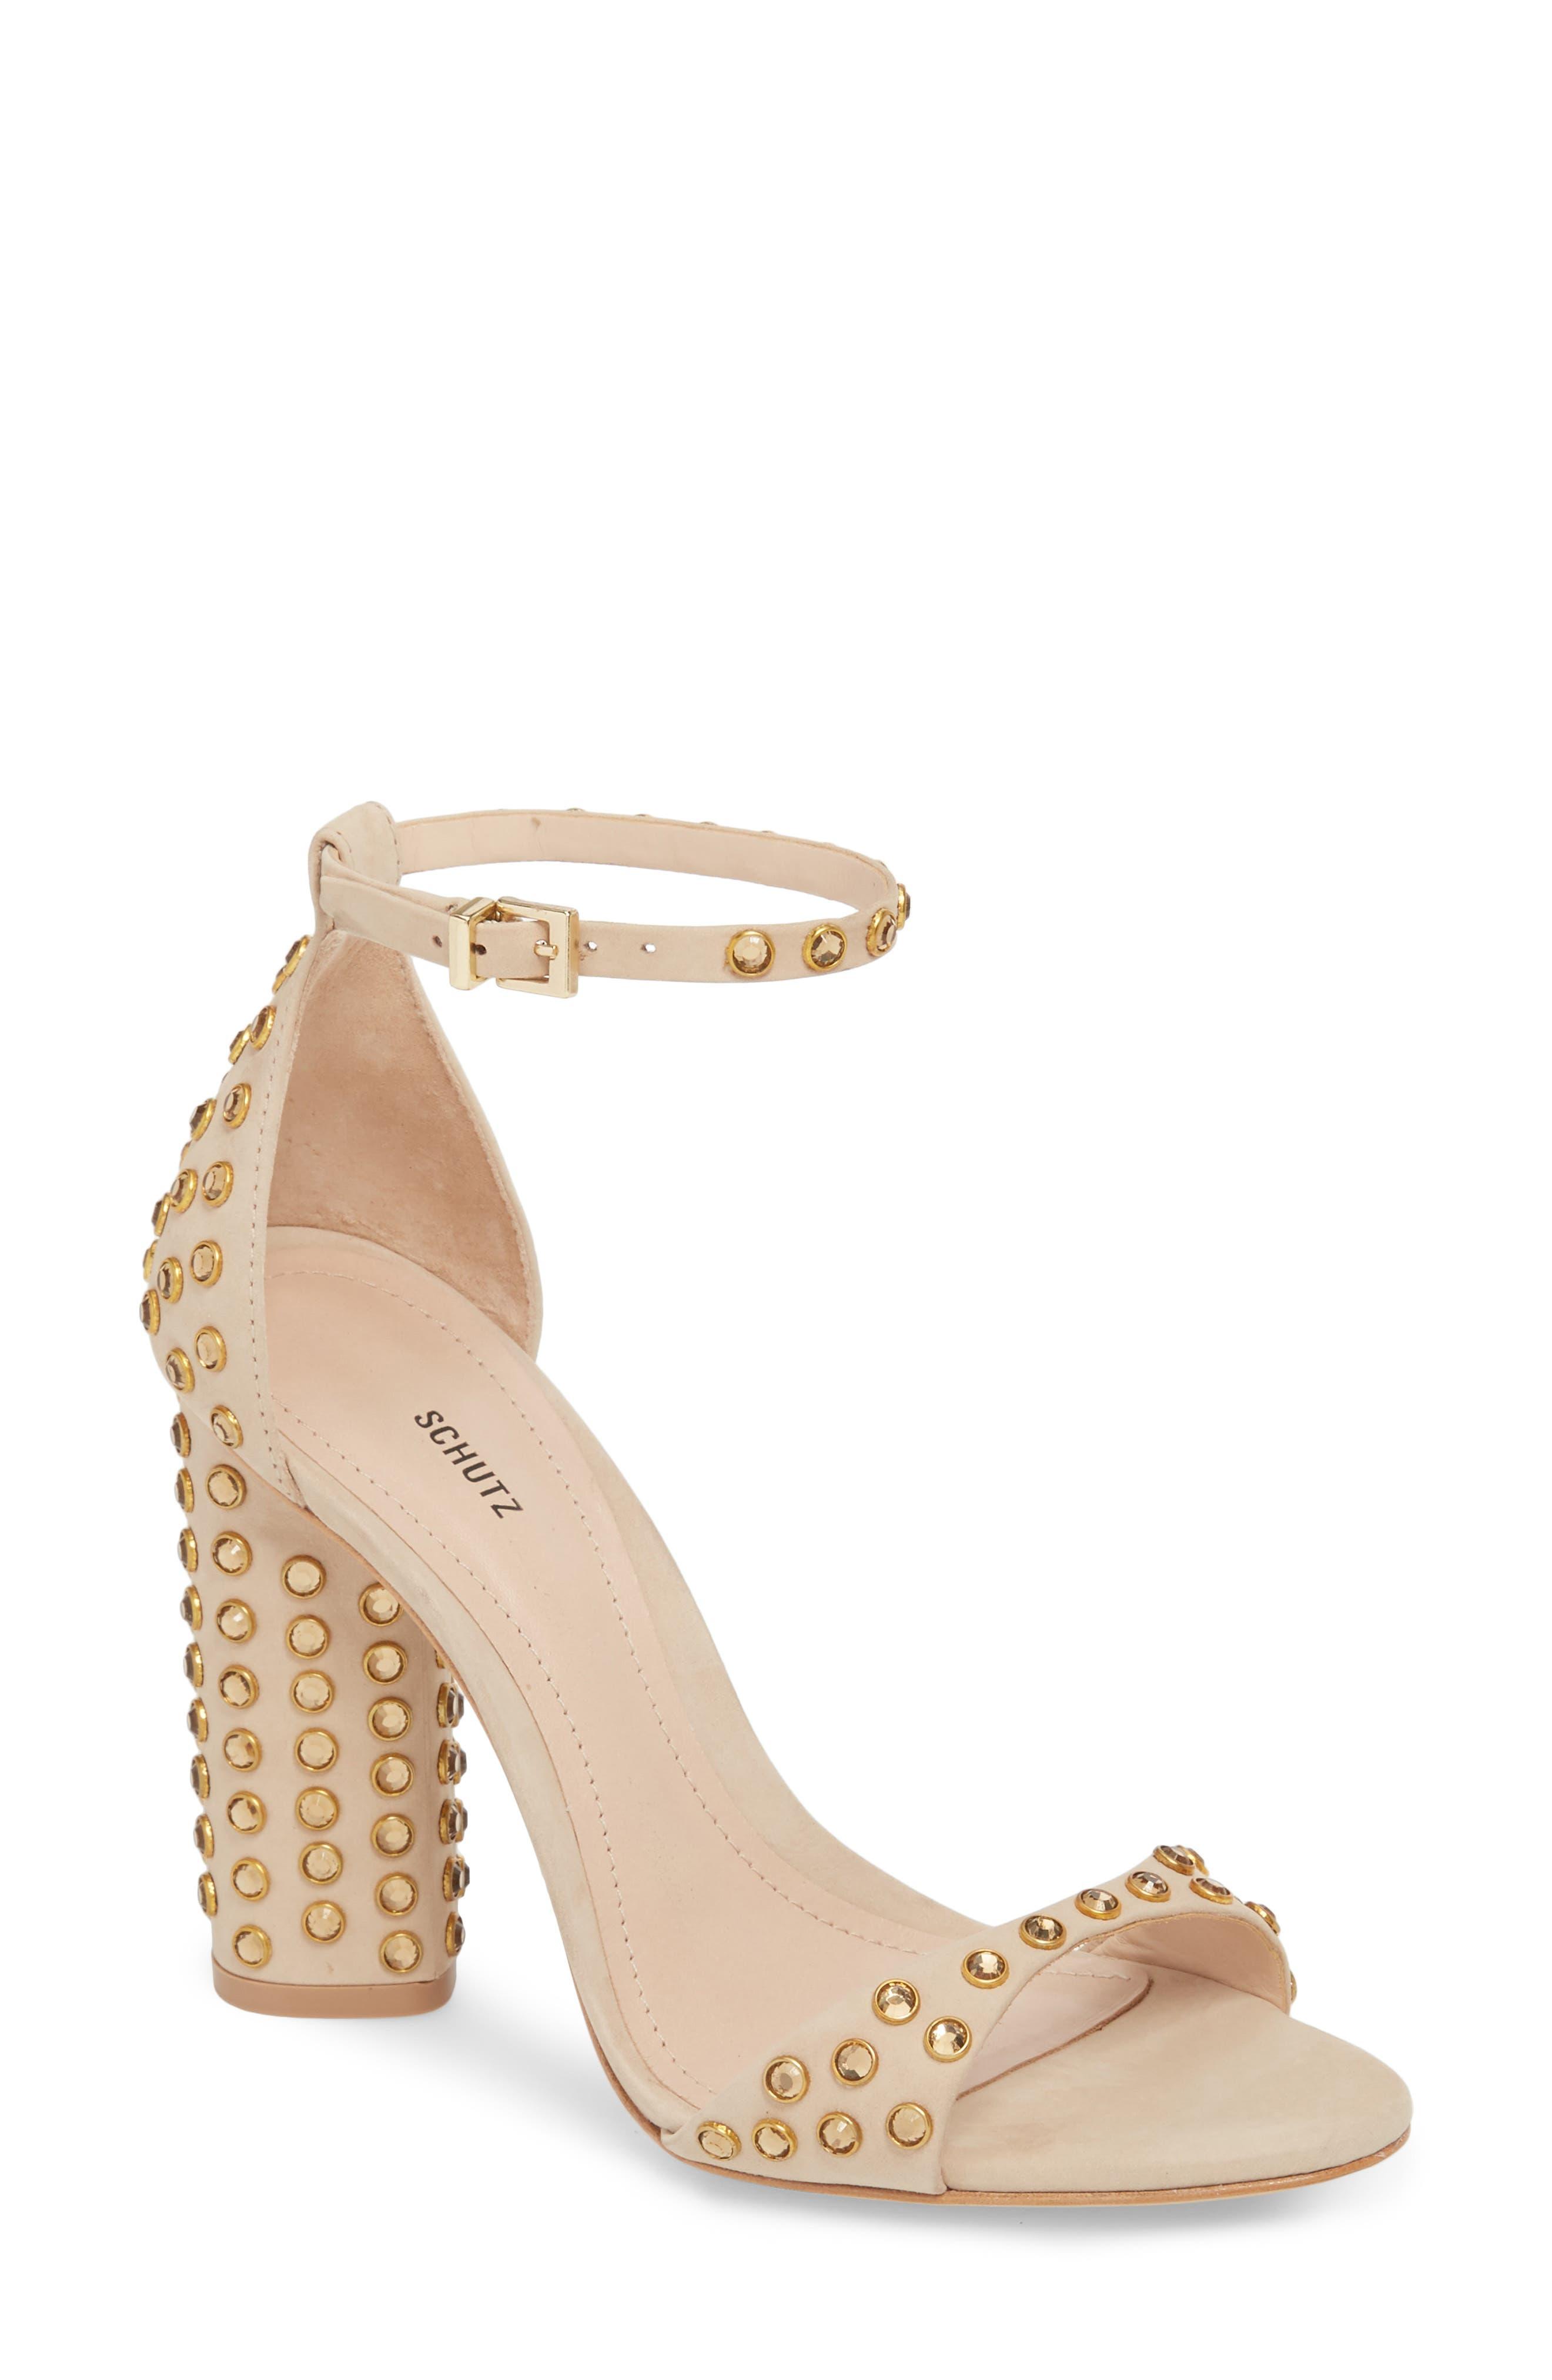 SCHUTZ Marcelle Ankle Strap Sandal, Main, color, 015